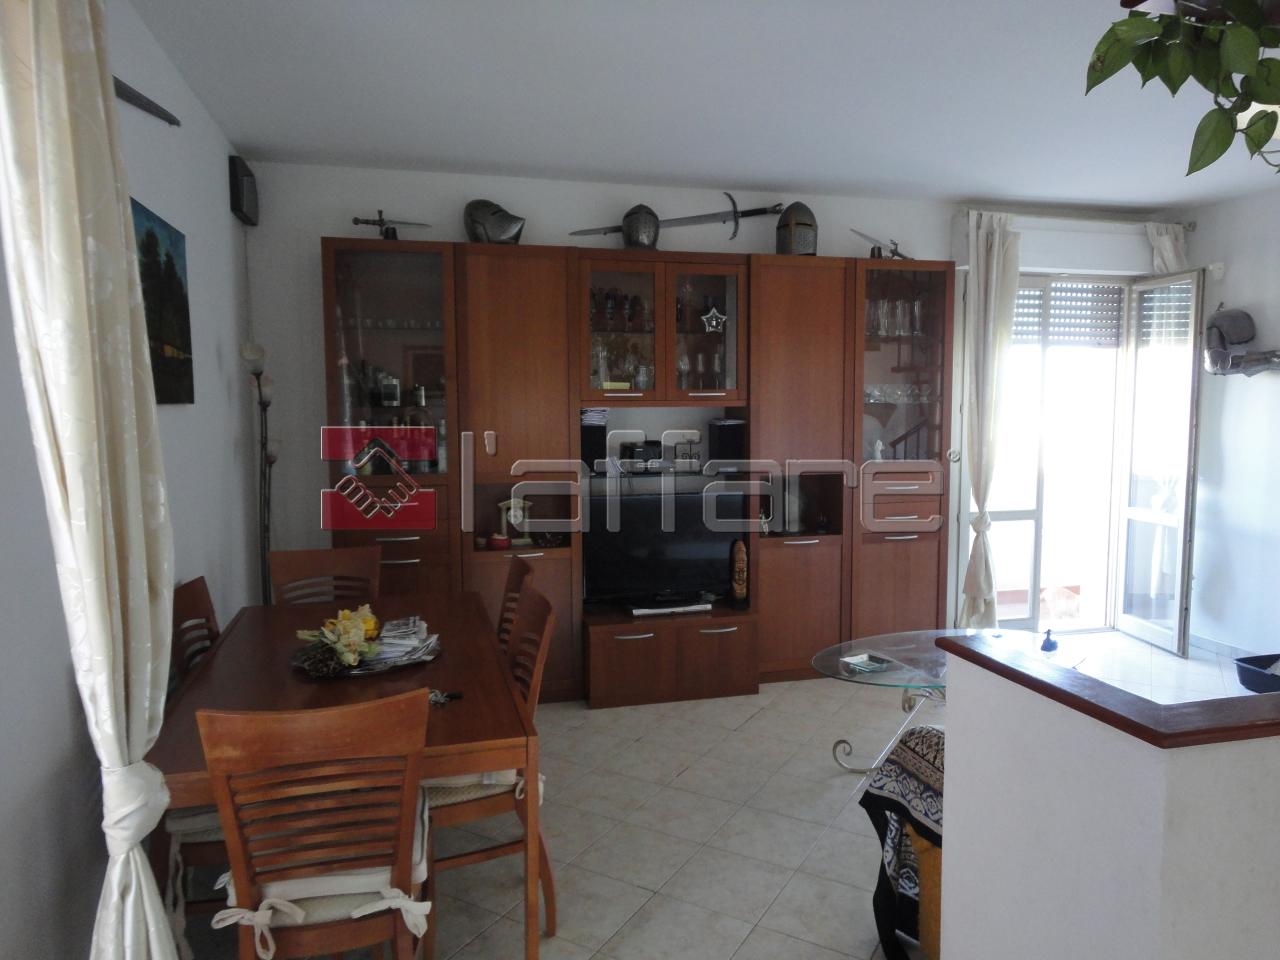 Attico / Mansarda in affitto a Ponsacco, 4 locali, prezzo € 600 | Cambio Casa.it